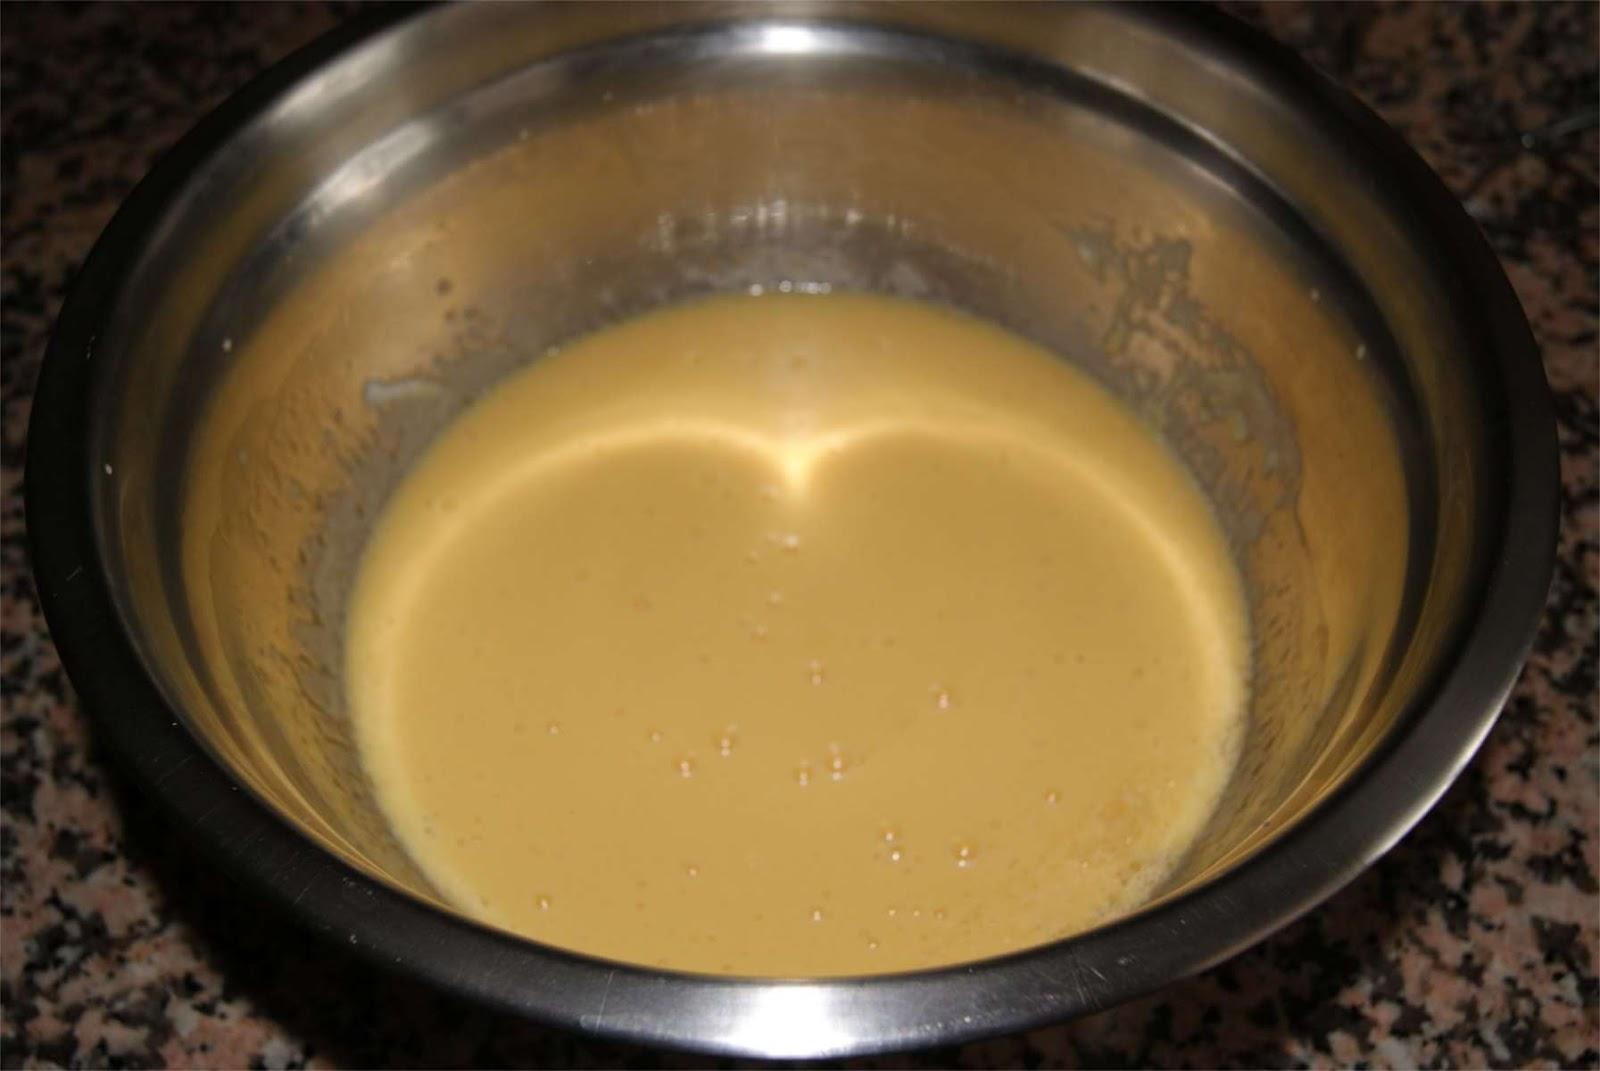 Receta de bizcocho de yogur tradicional paso 1